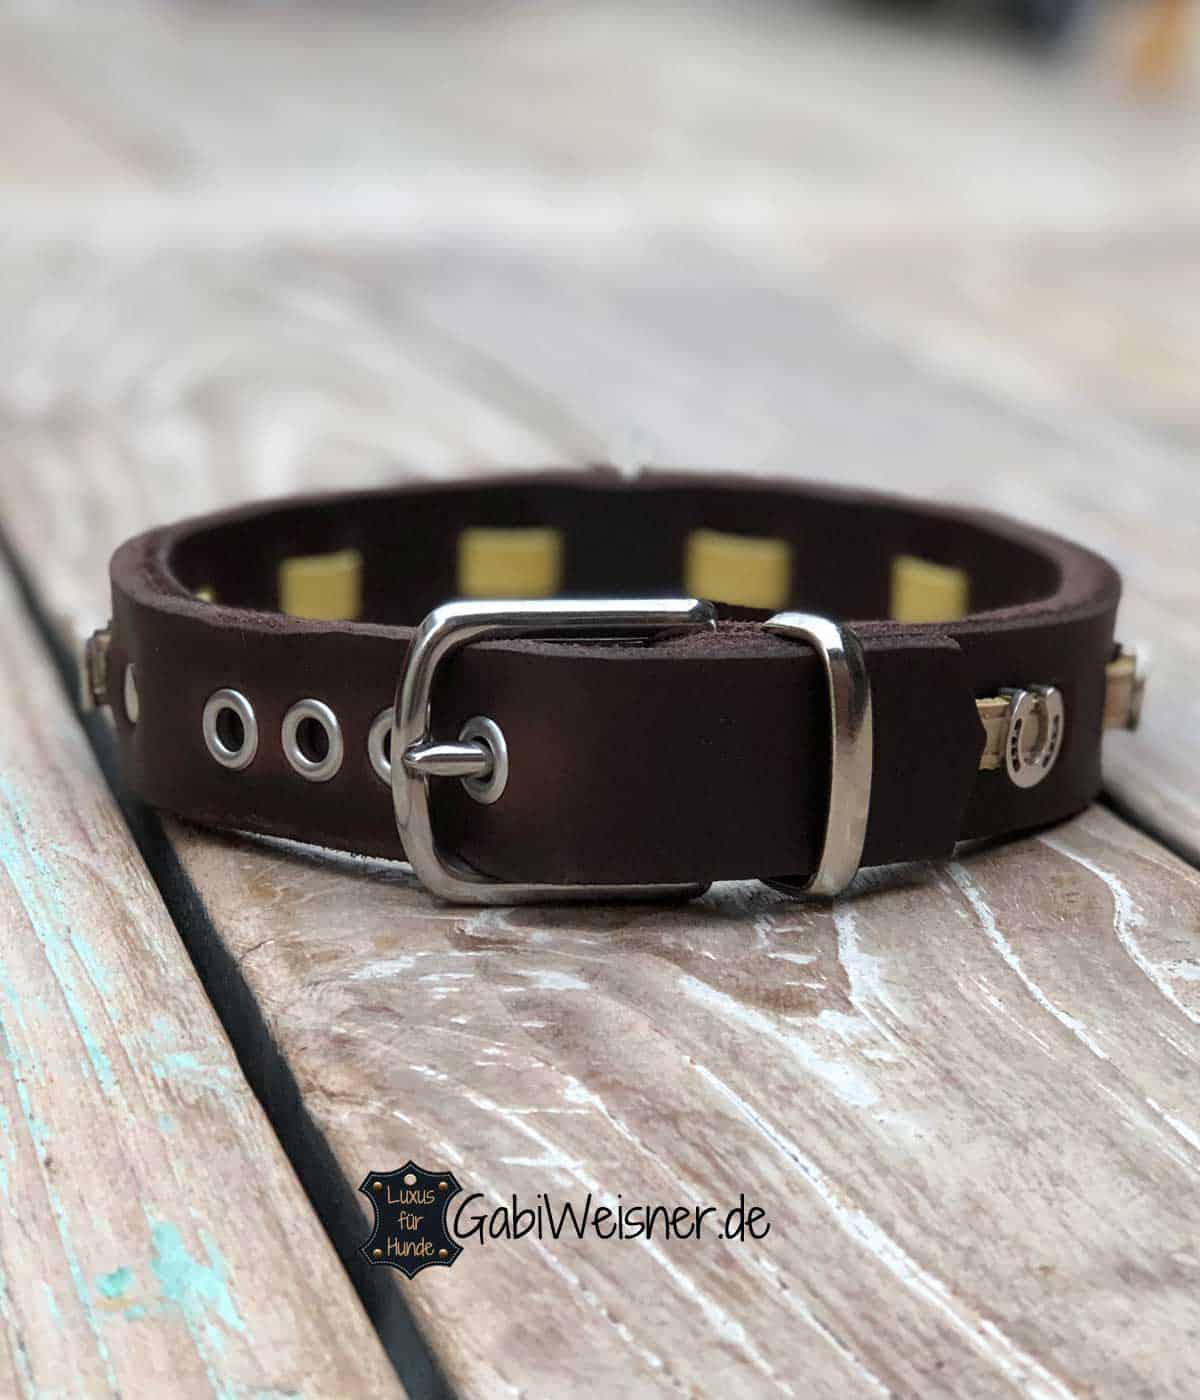 Hundehalsband happy Horse. Leder 3 cm breit, dekoriert mit Kork und Hufeisen.